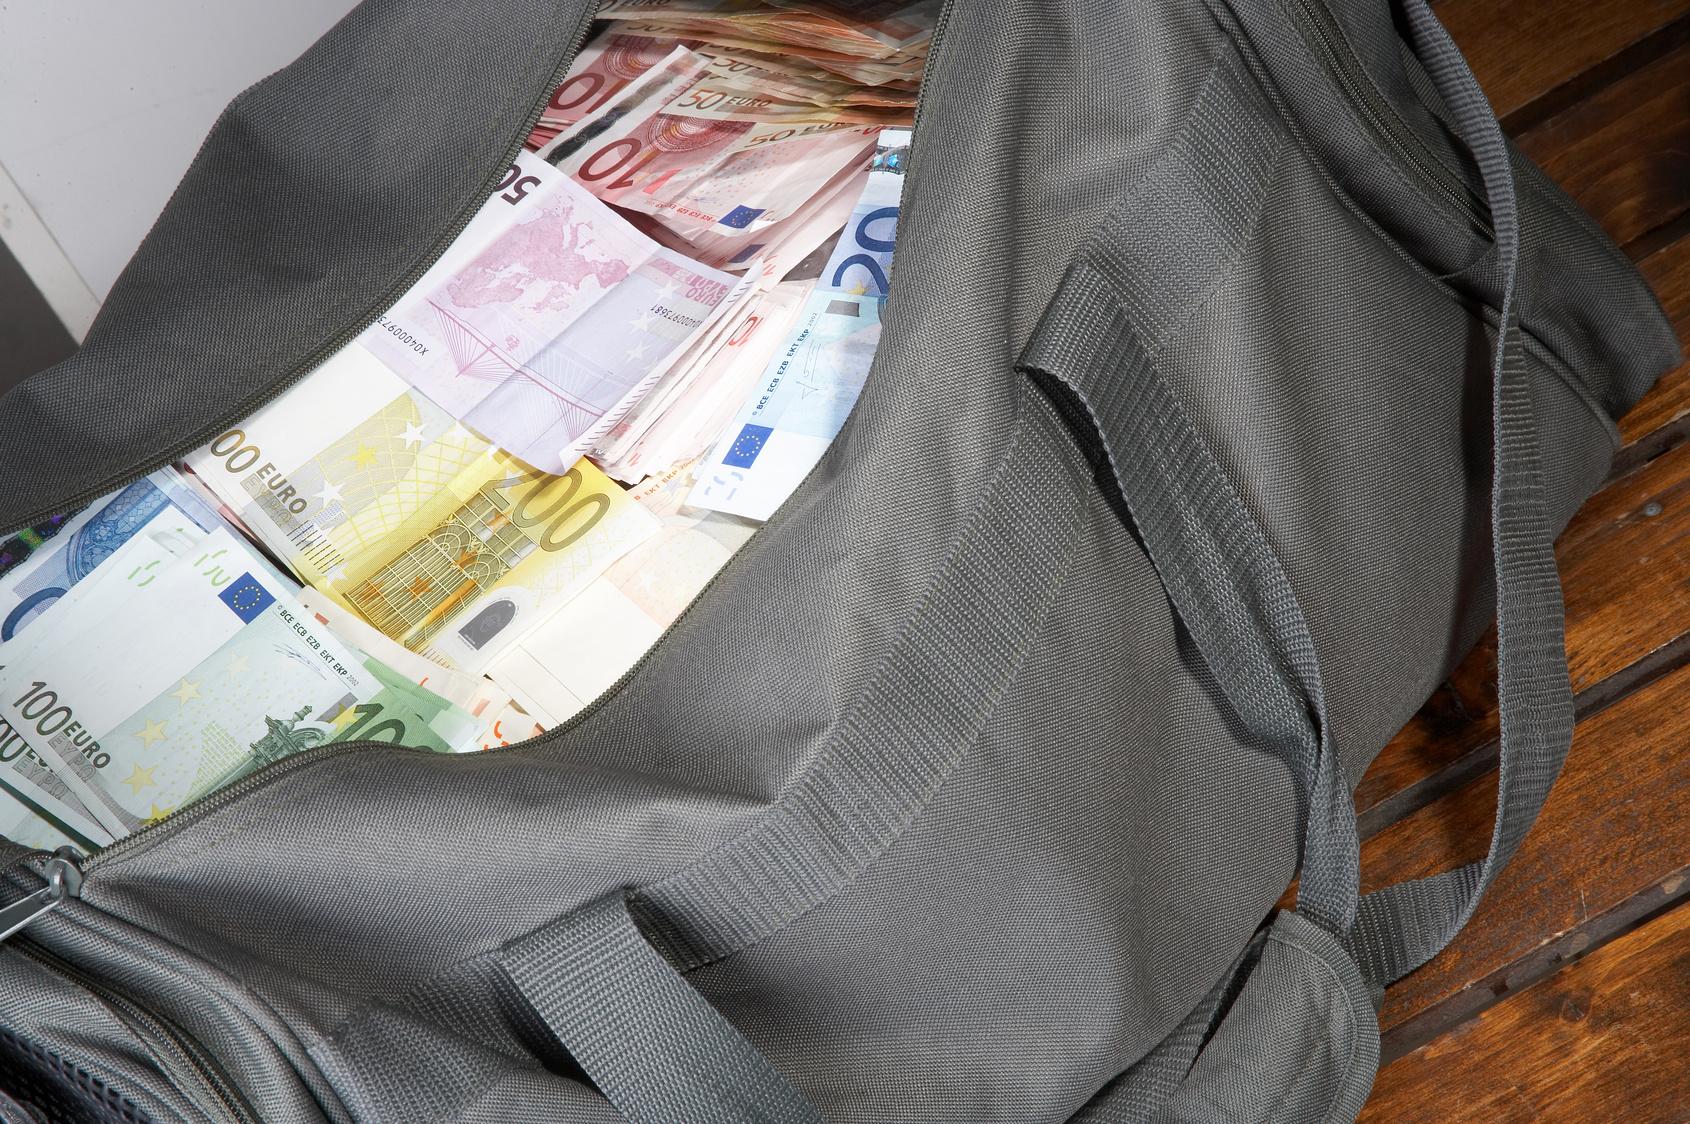 71-Jähriger überfiel Bank, um seiner Frau zu entkommen